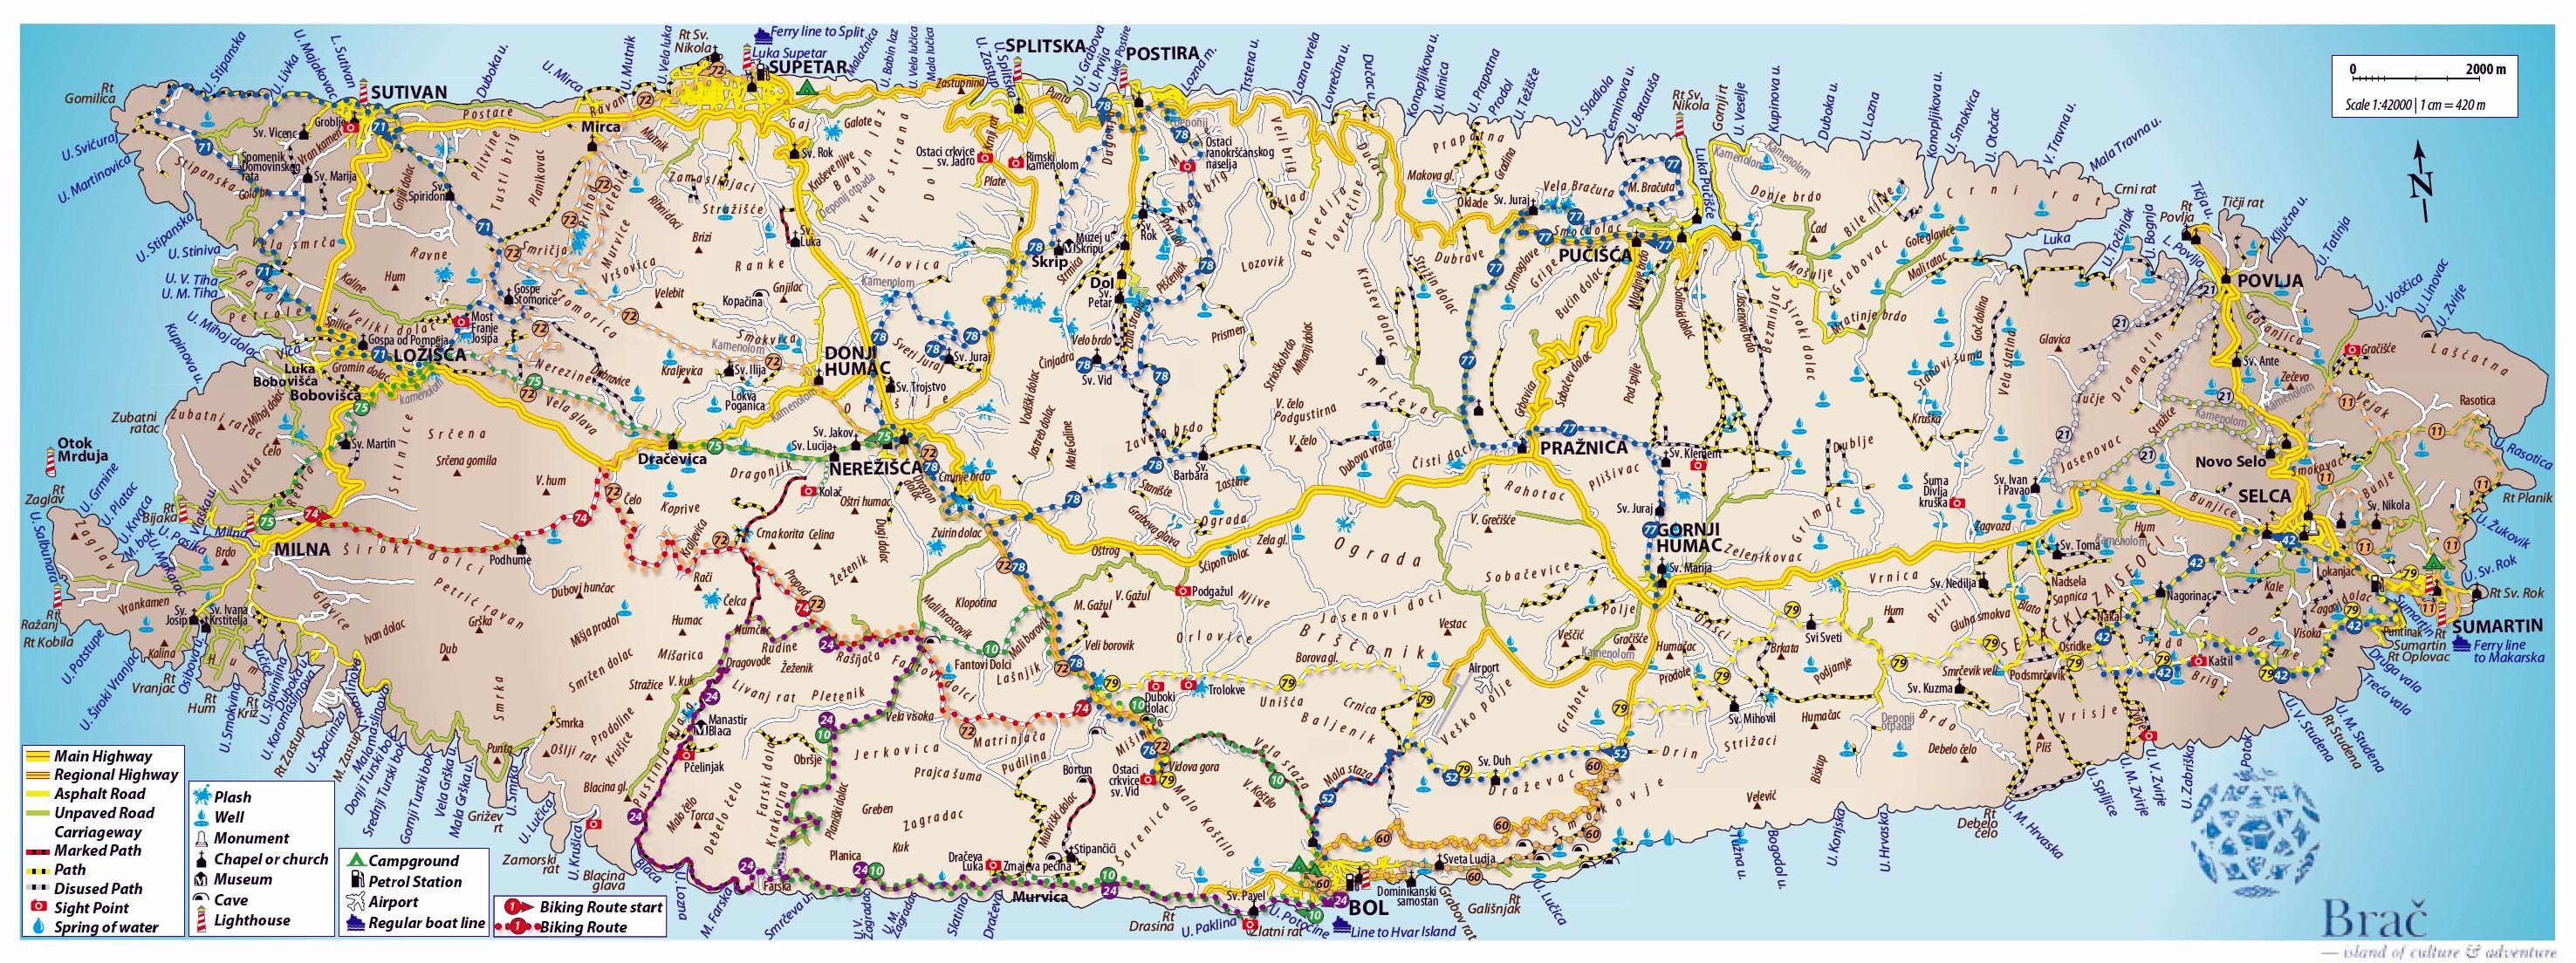 Brac Island Croatia Map Large Brac Island Maps for Free Download and Print | High